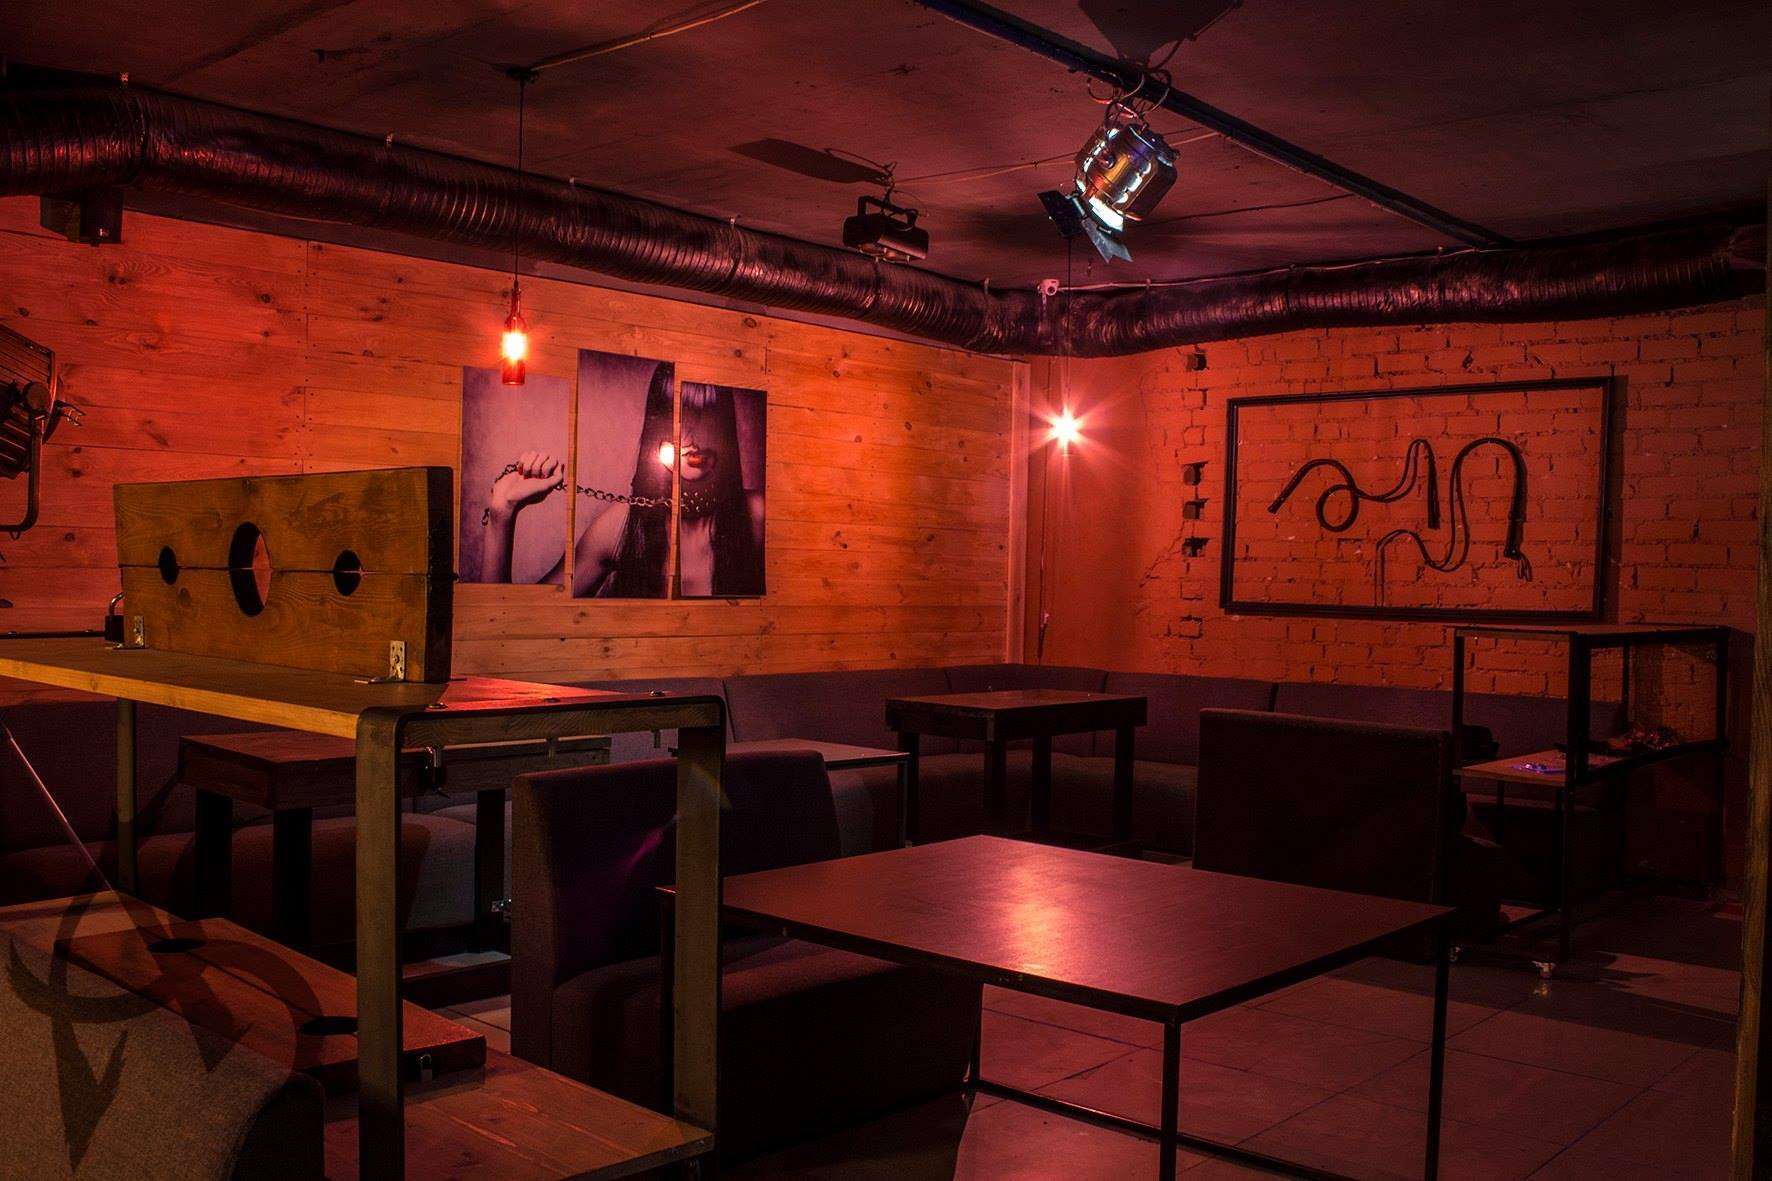 Секс-отель и БДСМ-бары: 5 пикантных заведений Киева